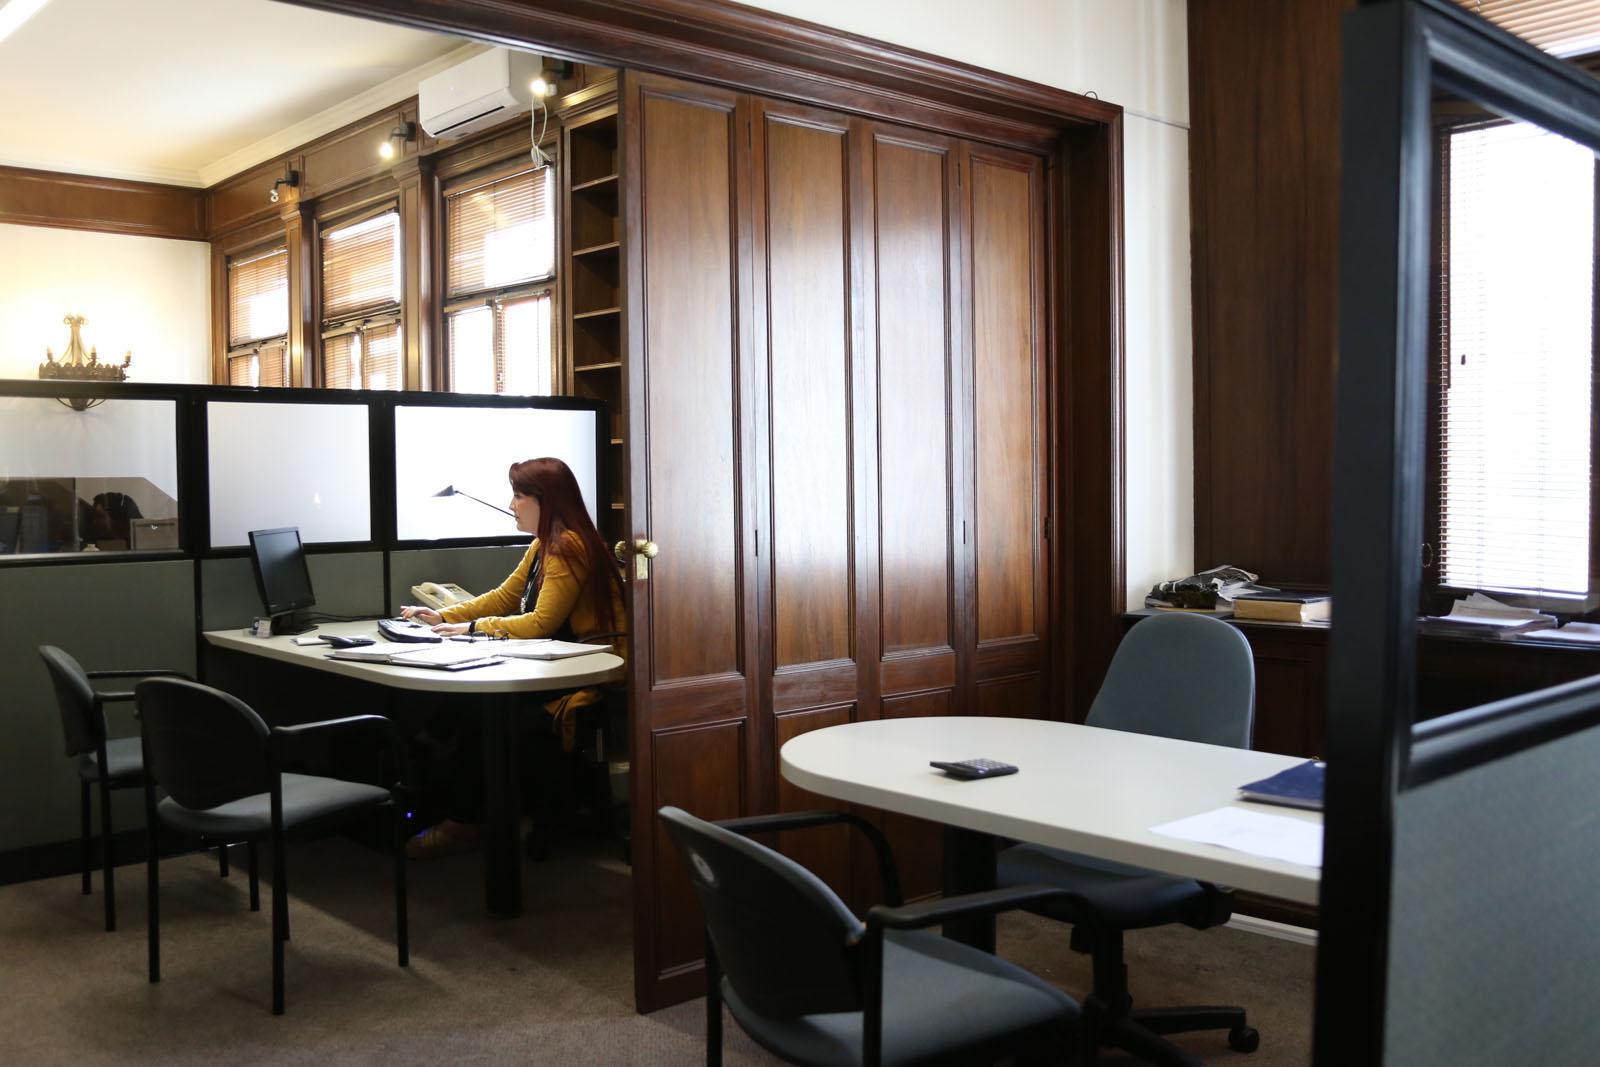 Descubr nuestras nuevas oficinas centrales rincon club for Ahorramas telefono oficinas centrales